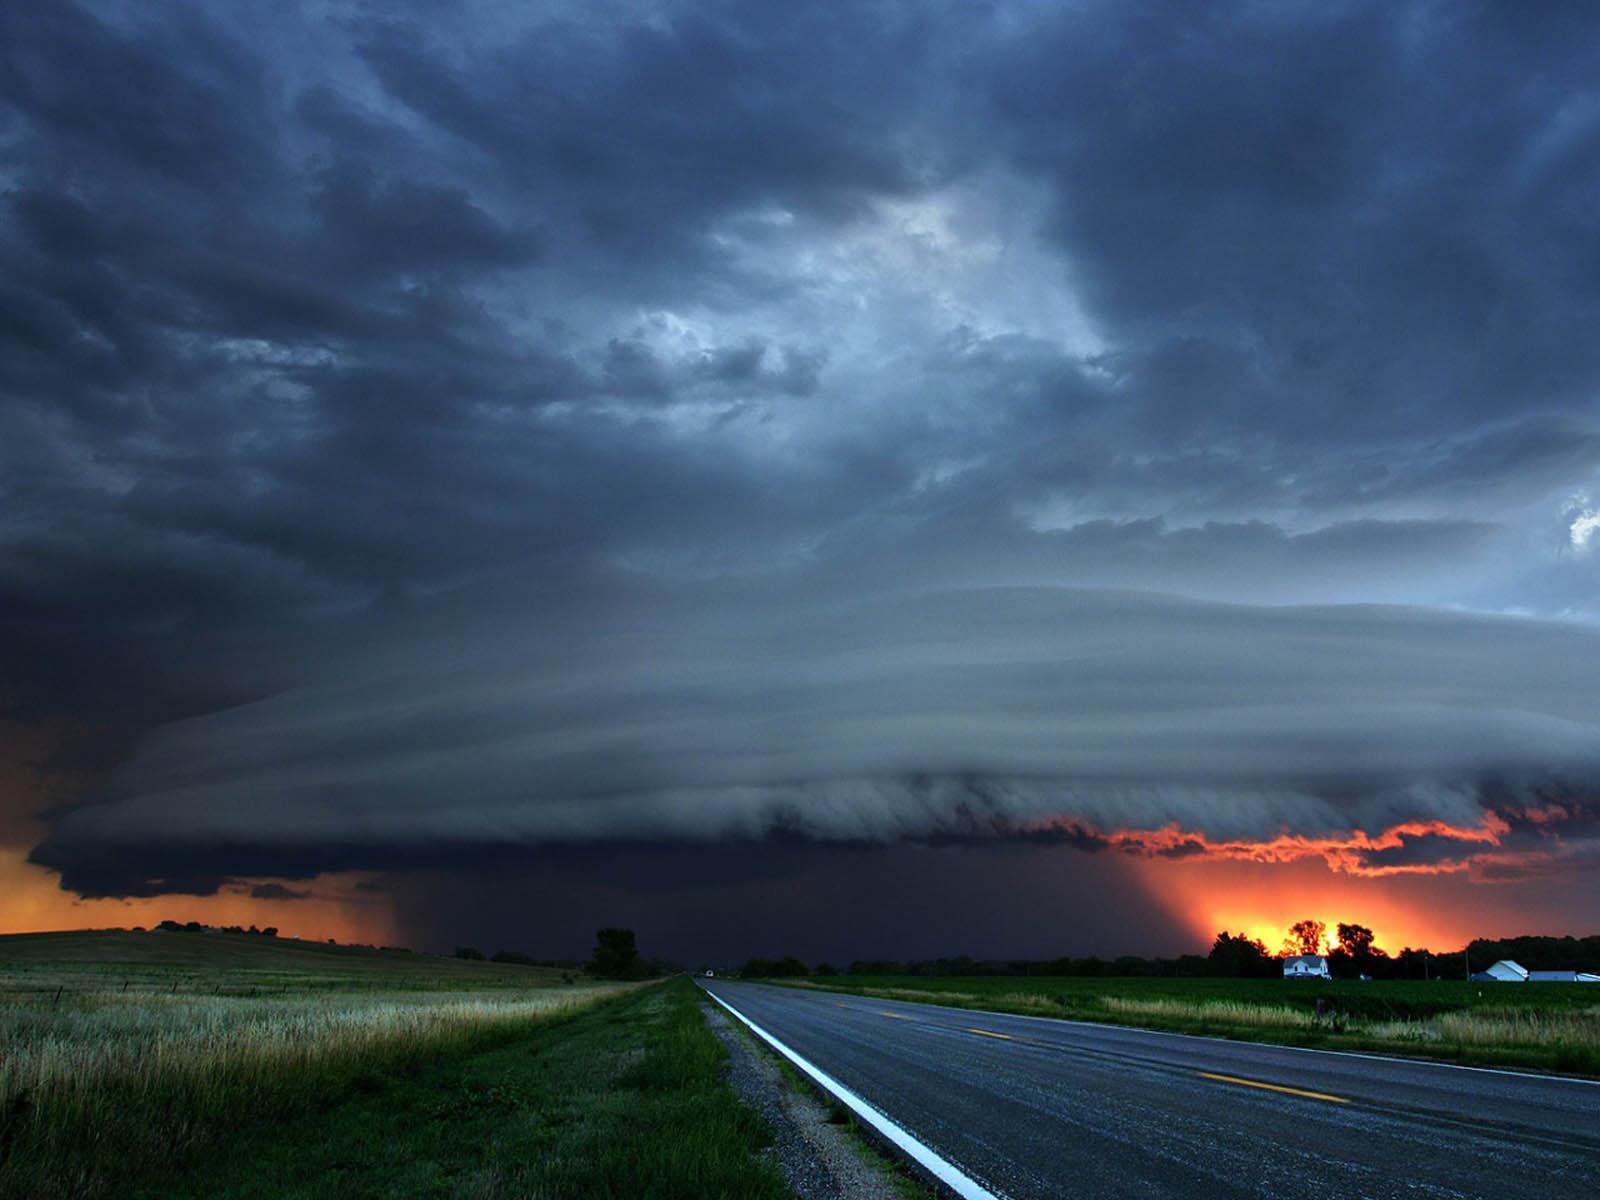 wallpapers: Tornado Photos